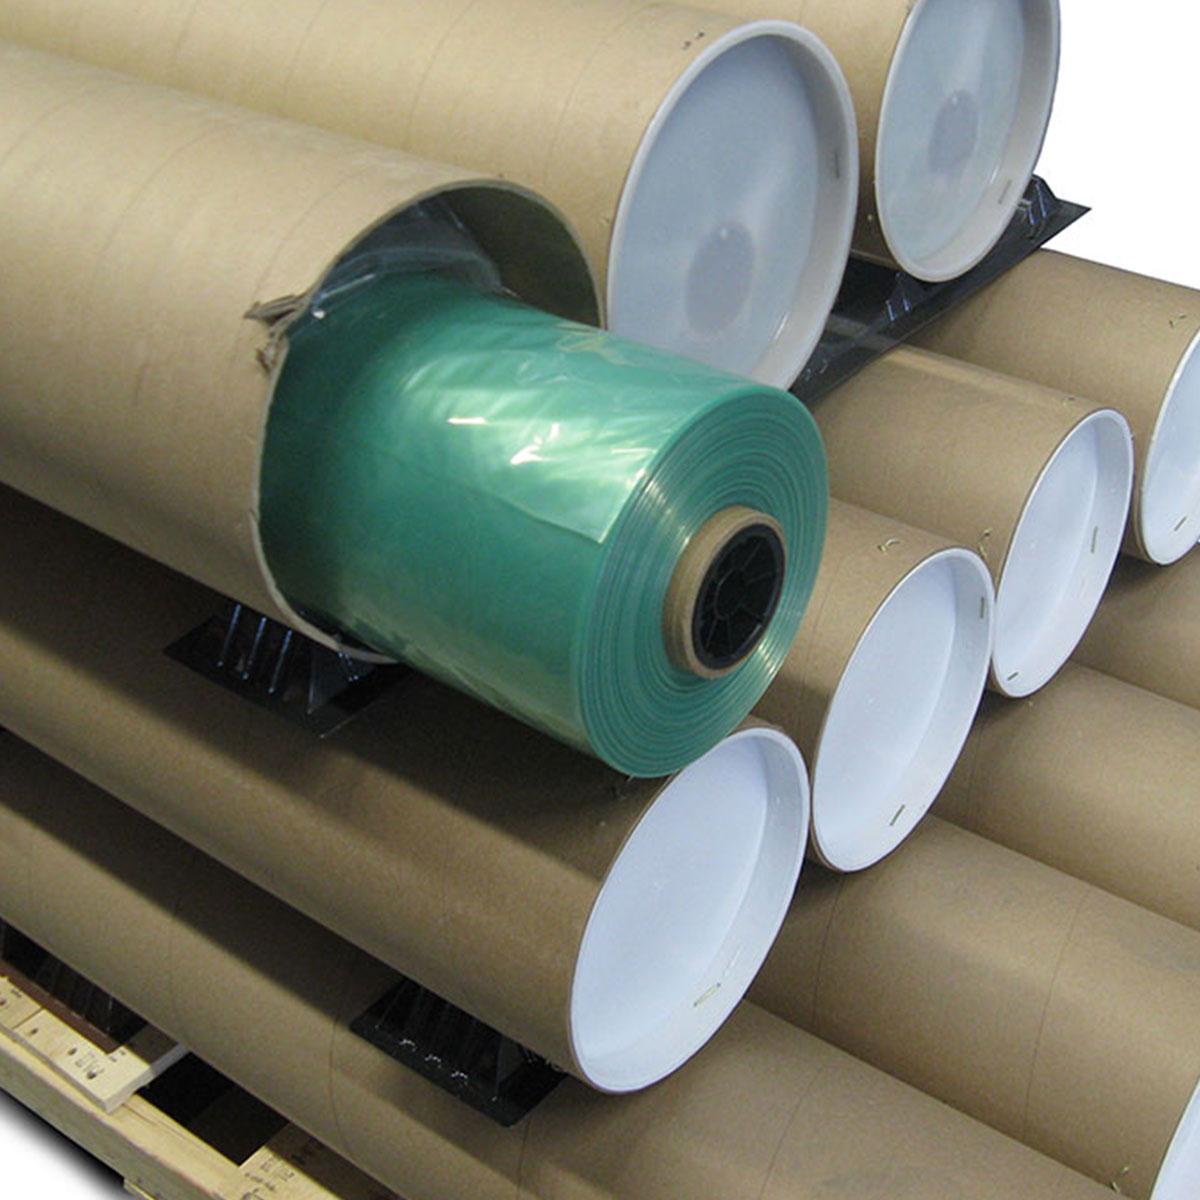 vakuum sack nylon 1370 grn sht 0076mm x 1370mm 3014m 0003 x 54